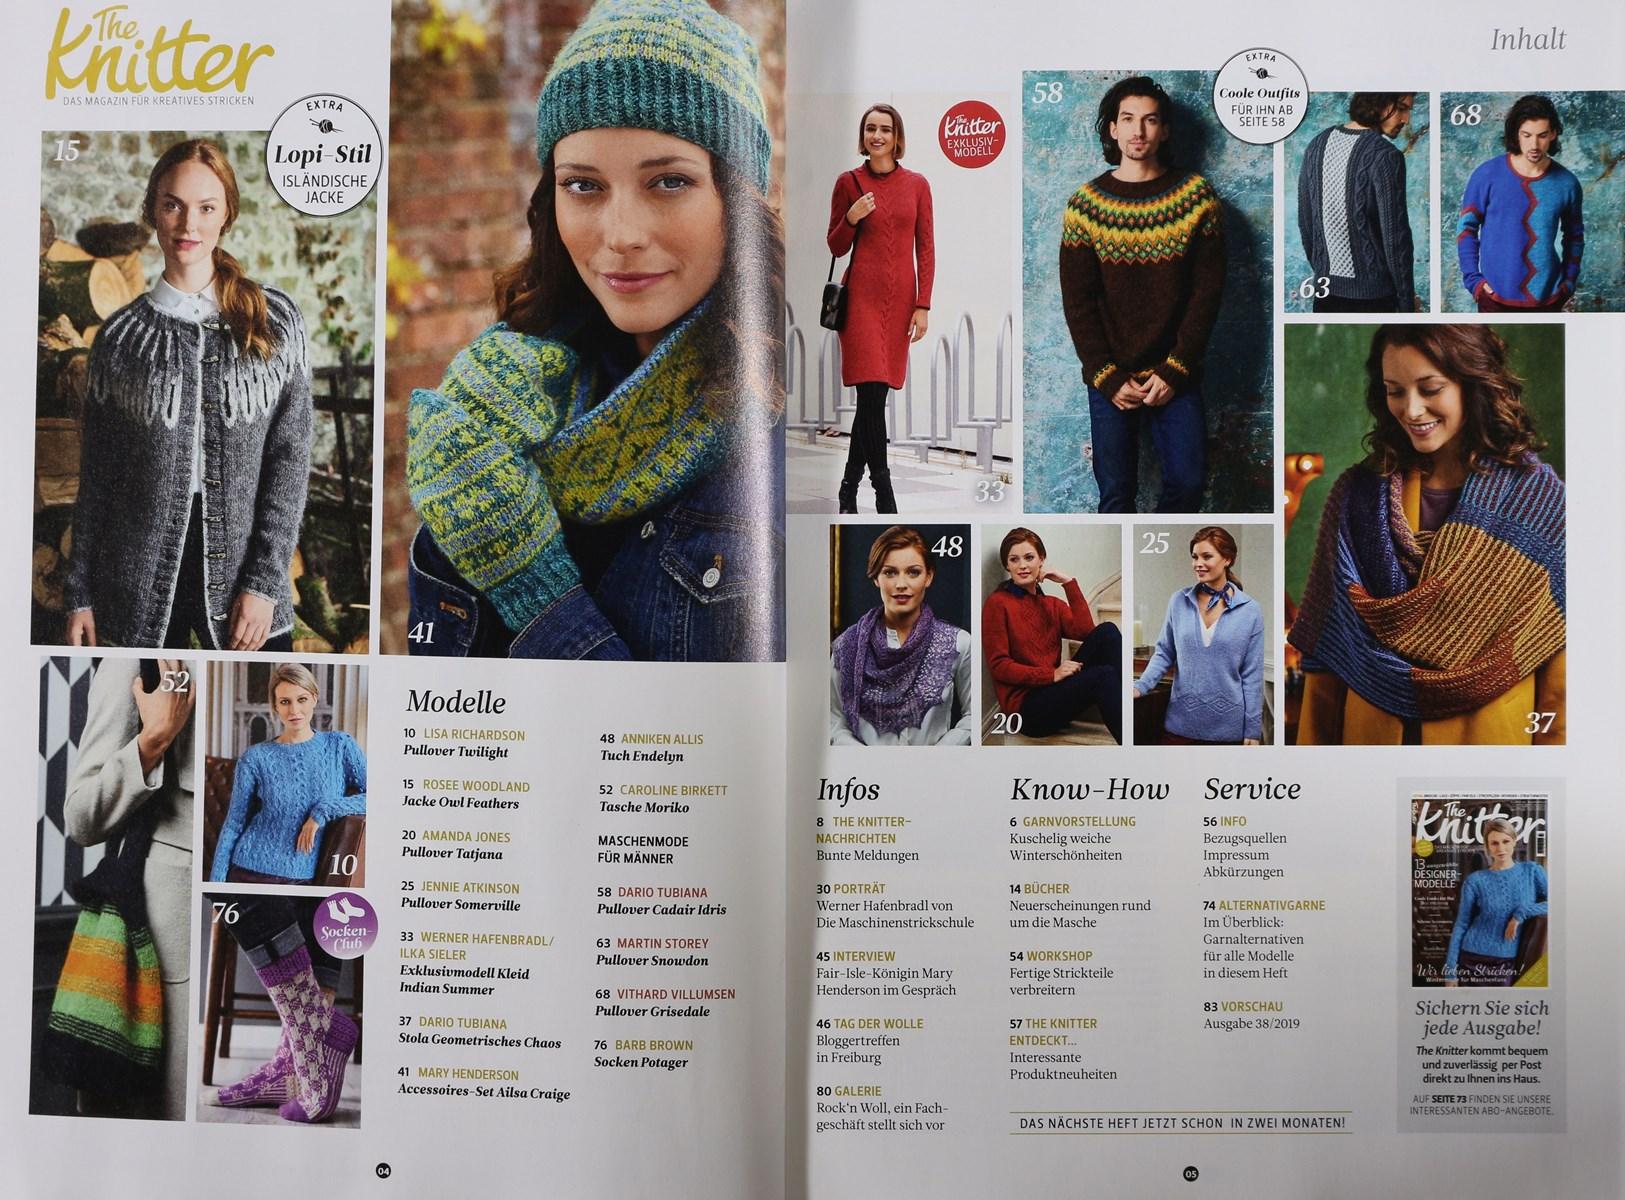 The Knitter 372018 Zeitungen Und Zeitschriften Online